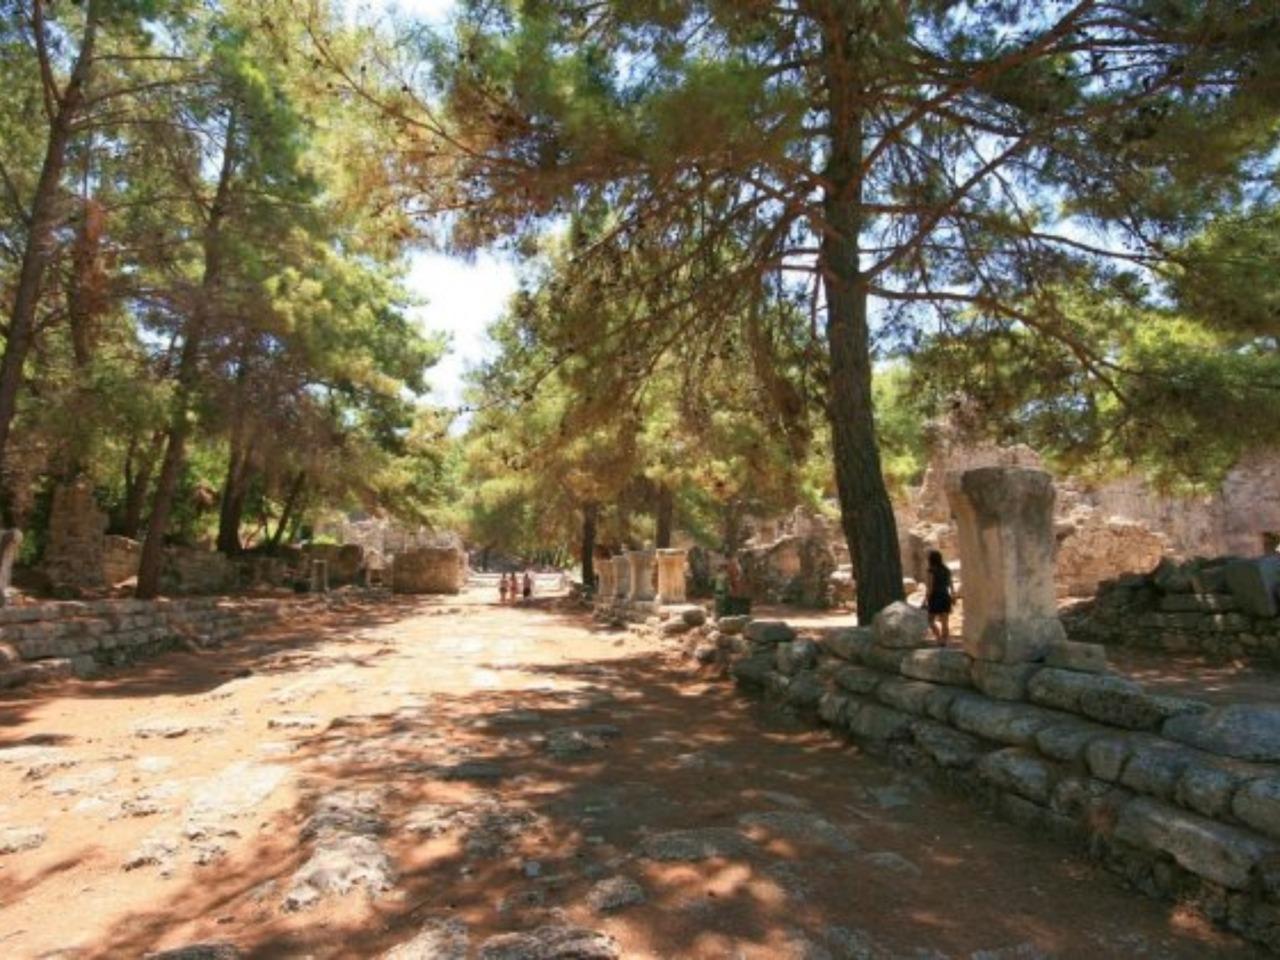 Античный город Фазелис и канатная дорога - индивидуальная экскурсия в Анталии от опытного гида